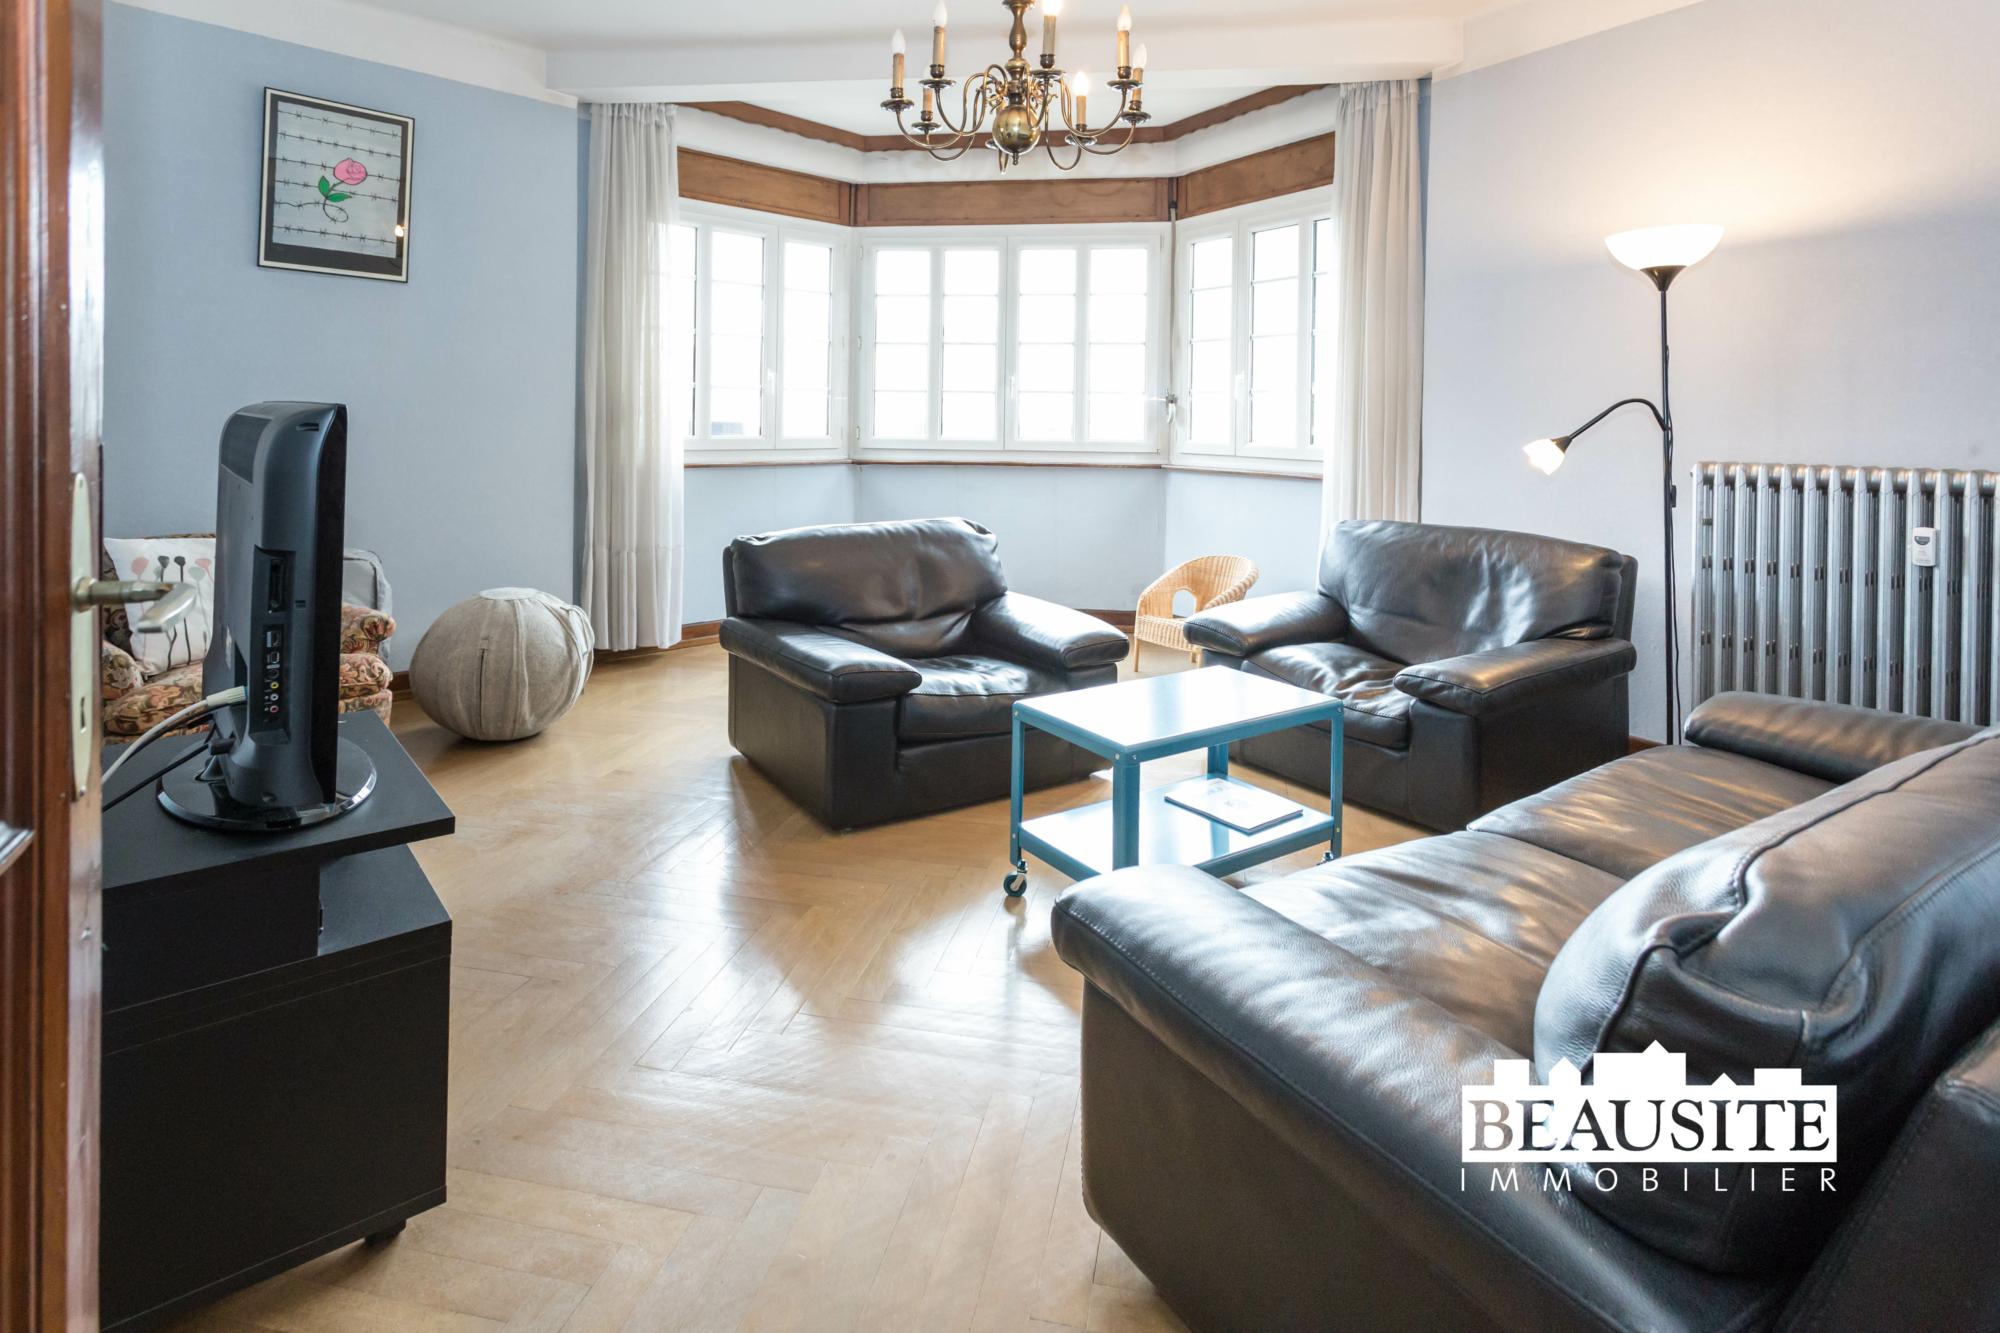 [Paquebot] Accostez dans un appartement à la vue sur la Cathédrale - Halles / rue de Bouxwiller - nos ventes - Beausite Immobilier 2